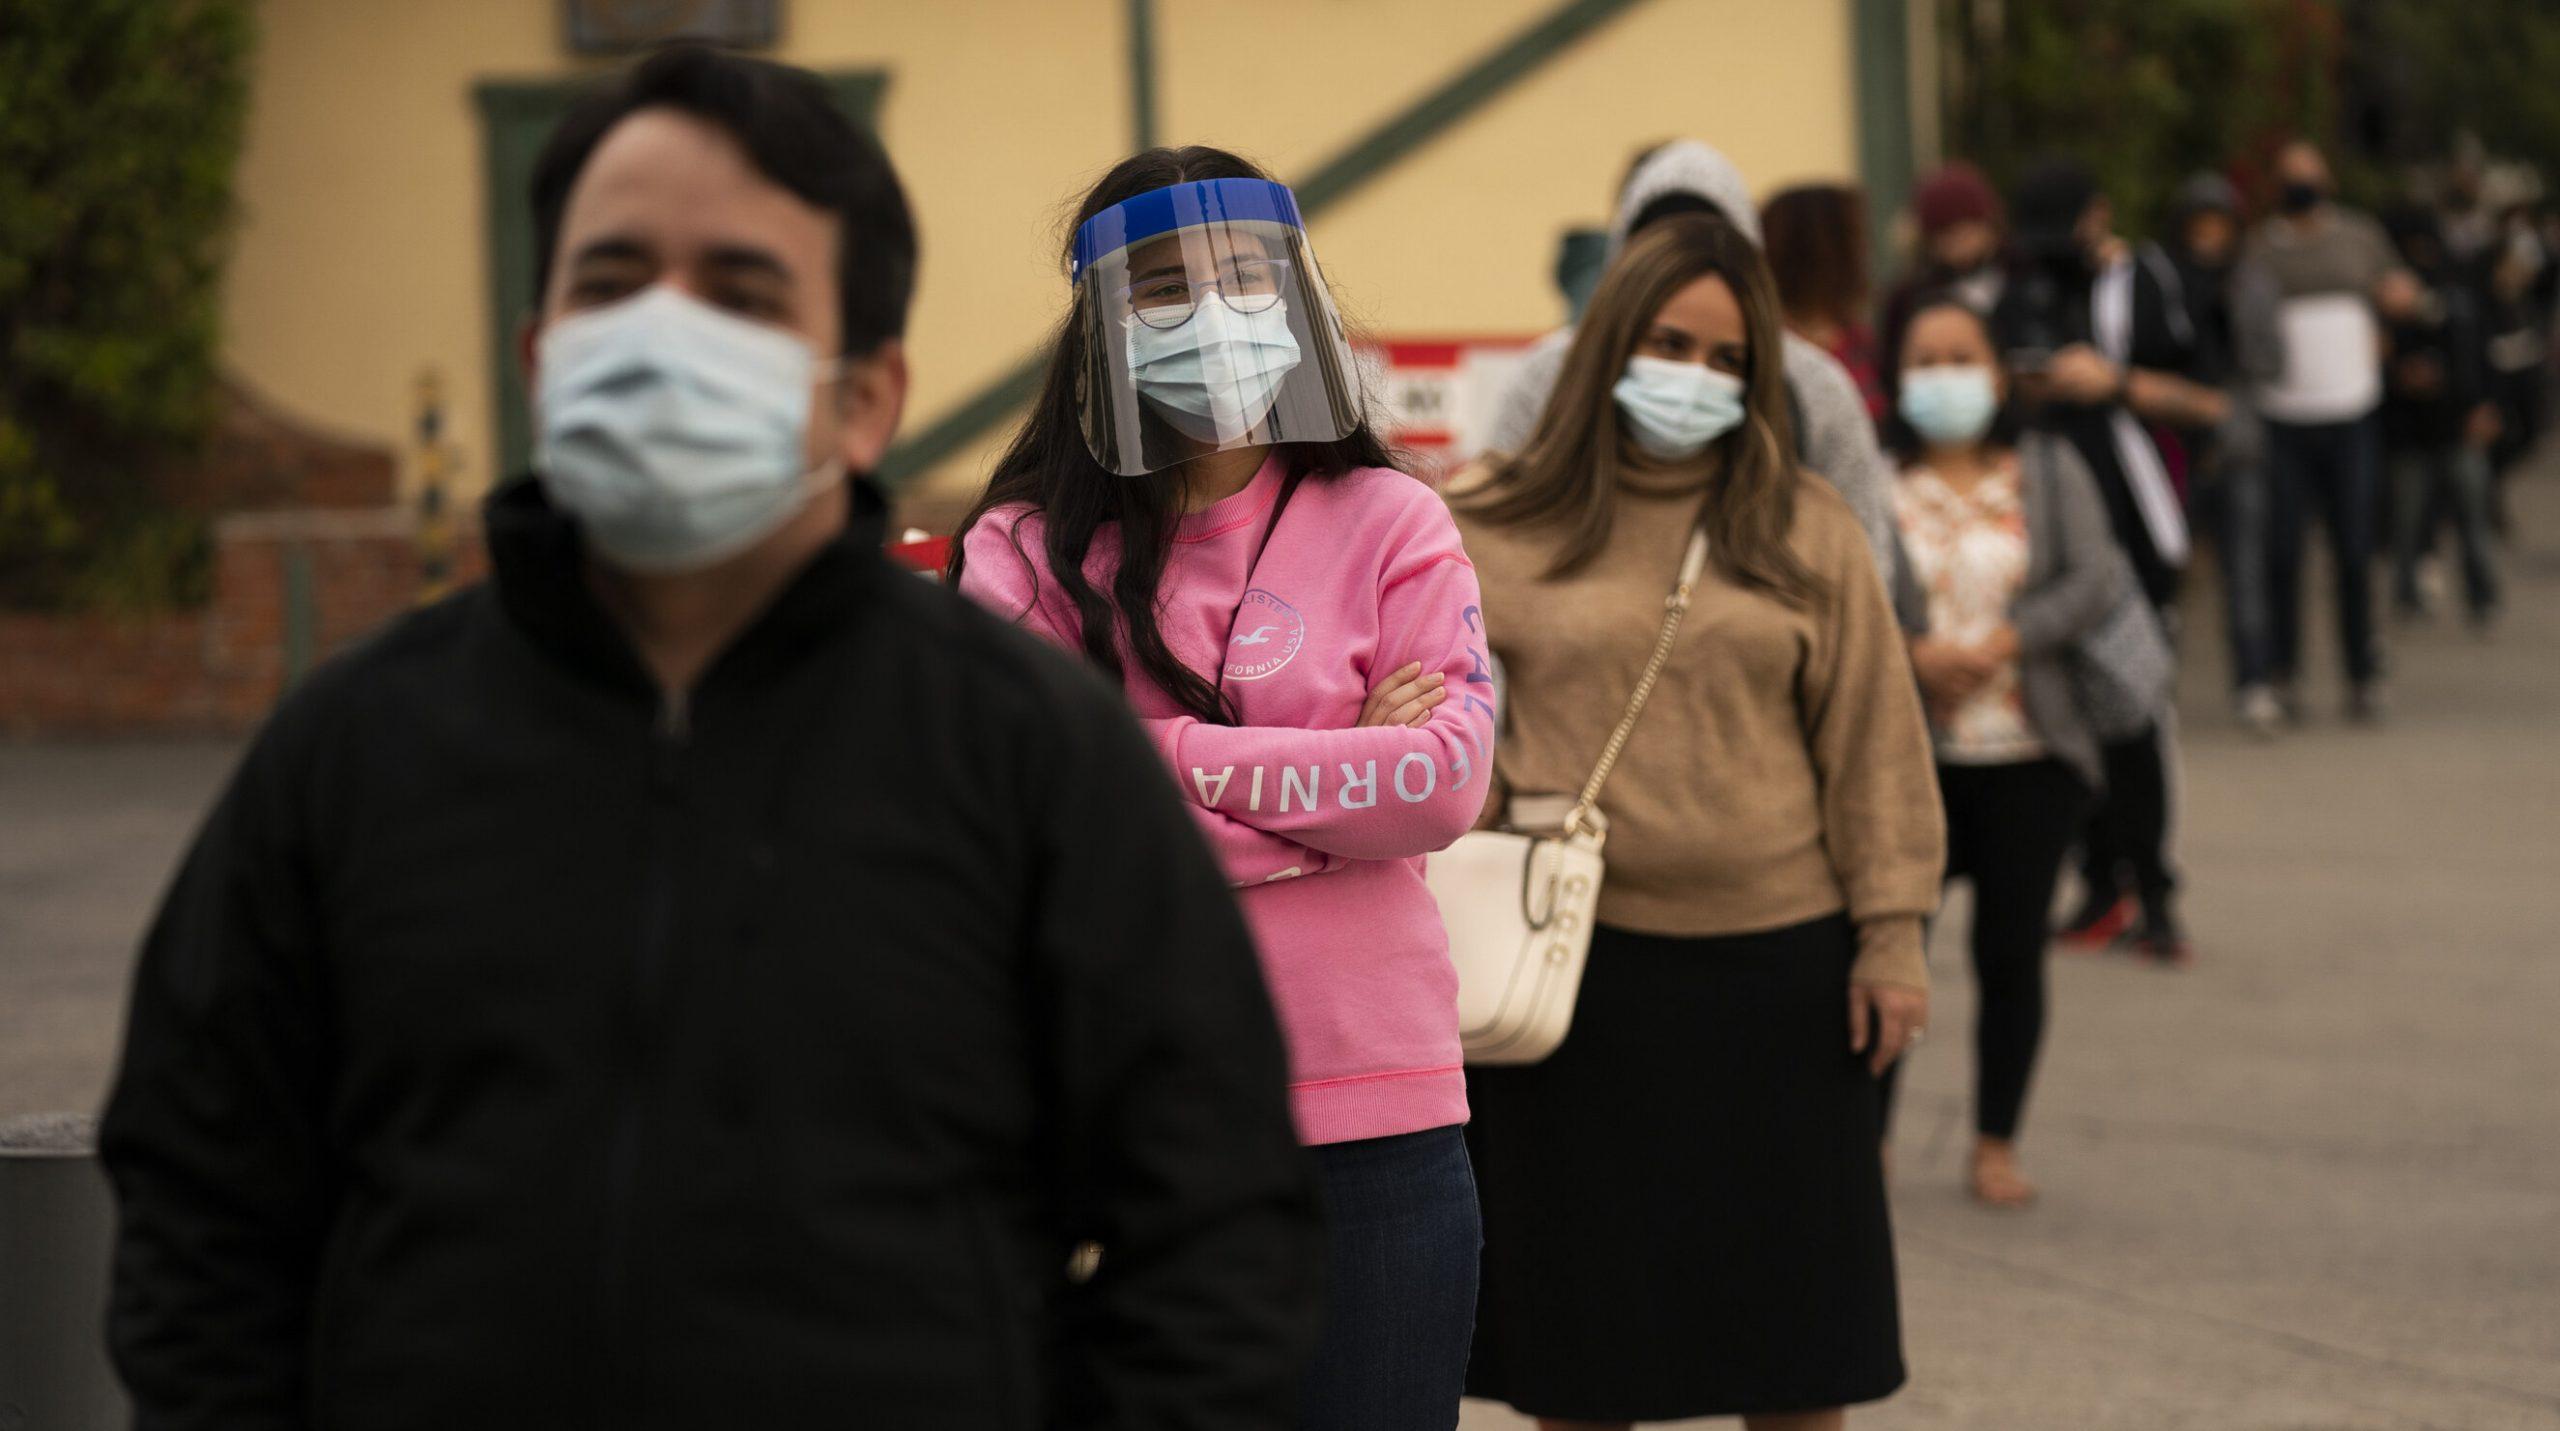 Los Angeles| La fiecare 10 minute, o persoană moare din cauza coronavirusului. Campanie de conștientizare inițiată de autoritățile americane